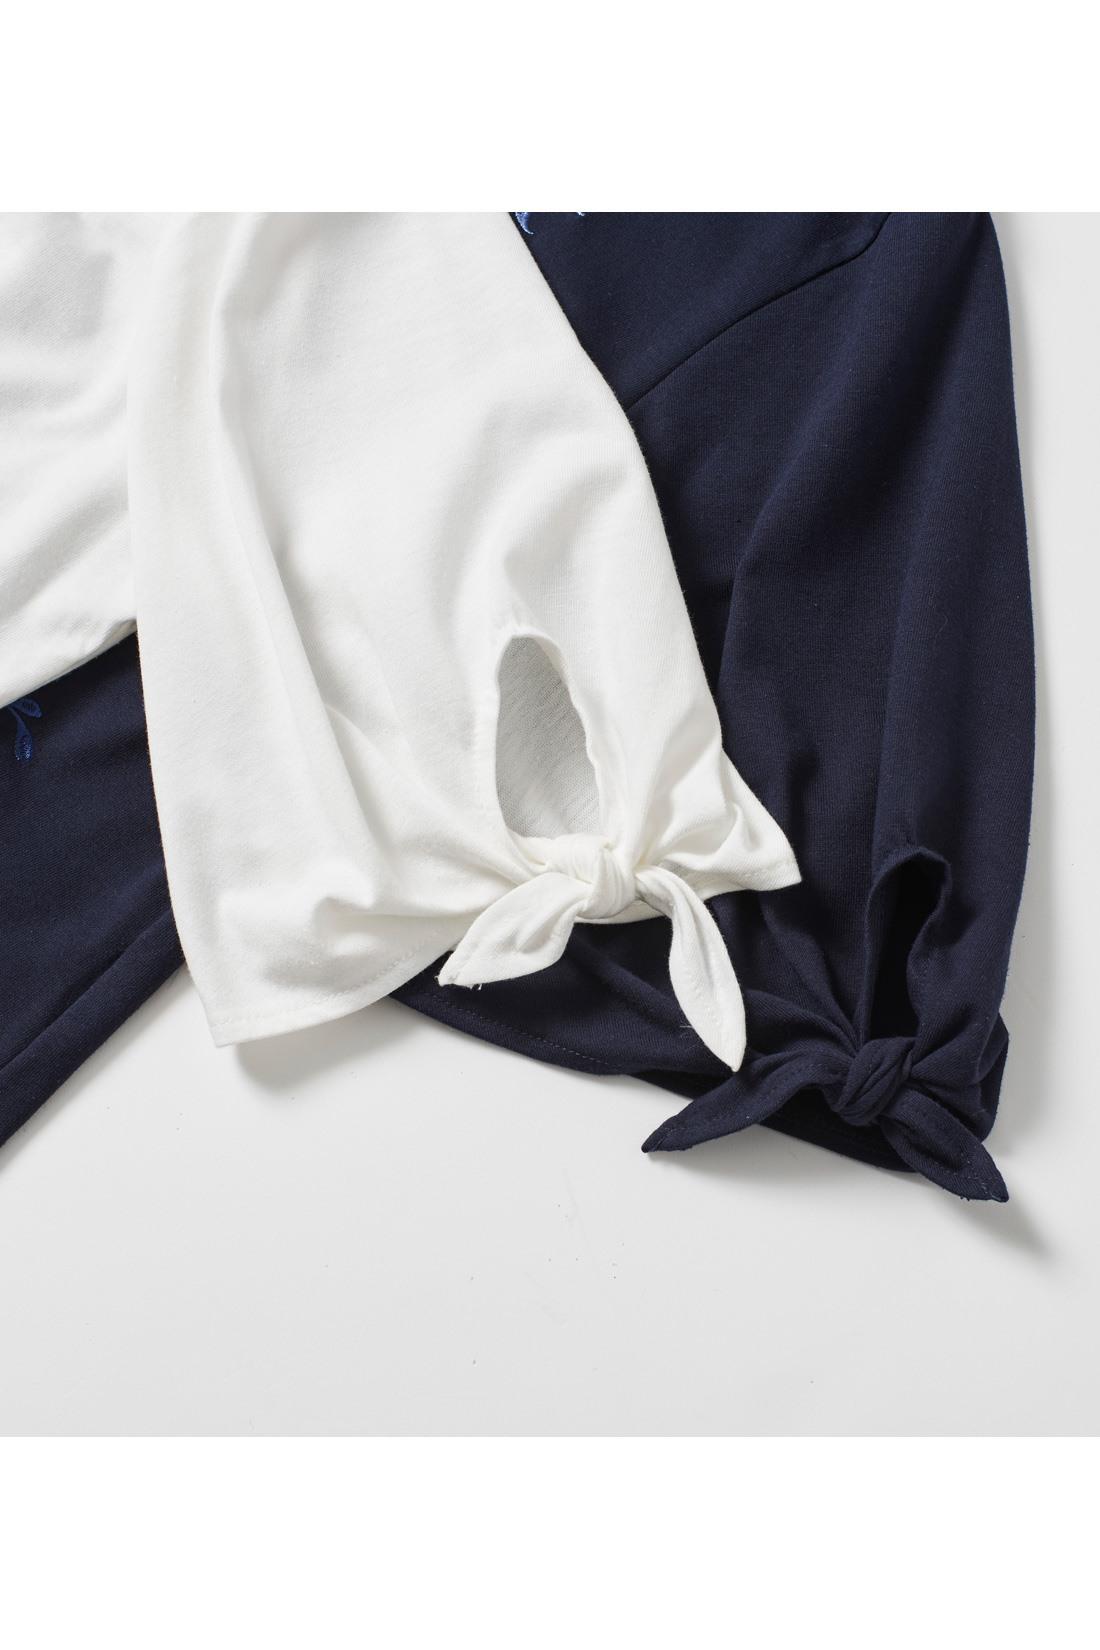 袖口のリボンデザインが旬ポイント。